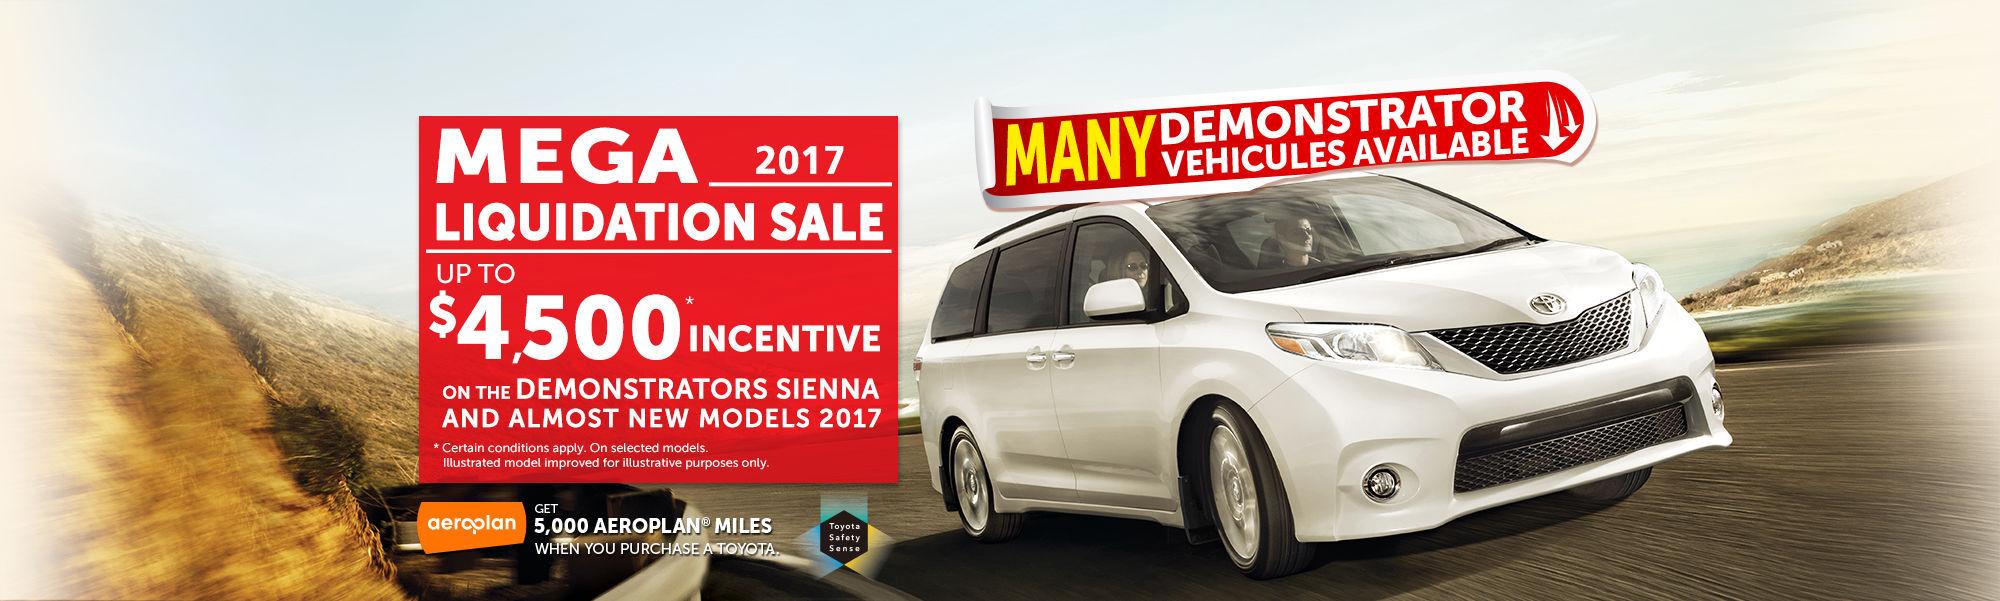 Mega Liquidation Sale - Sienna 2017